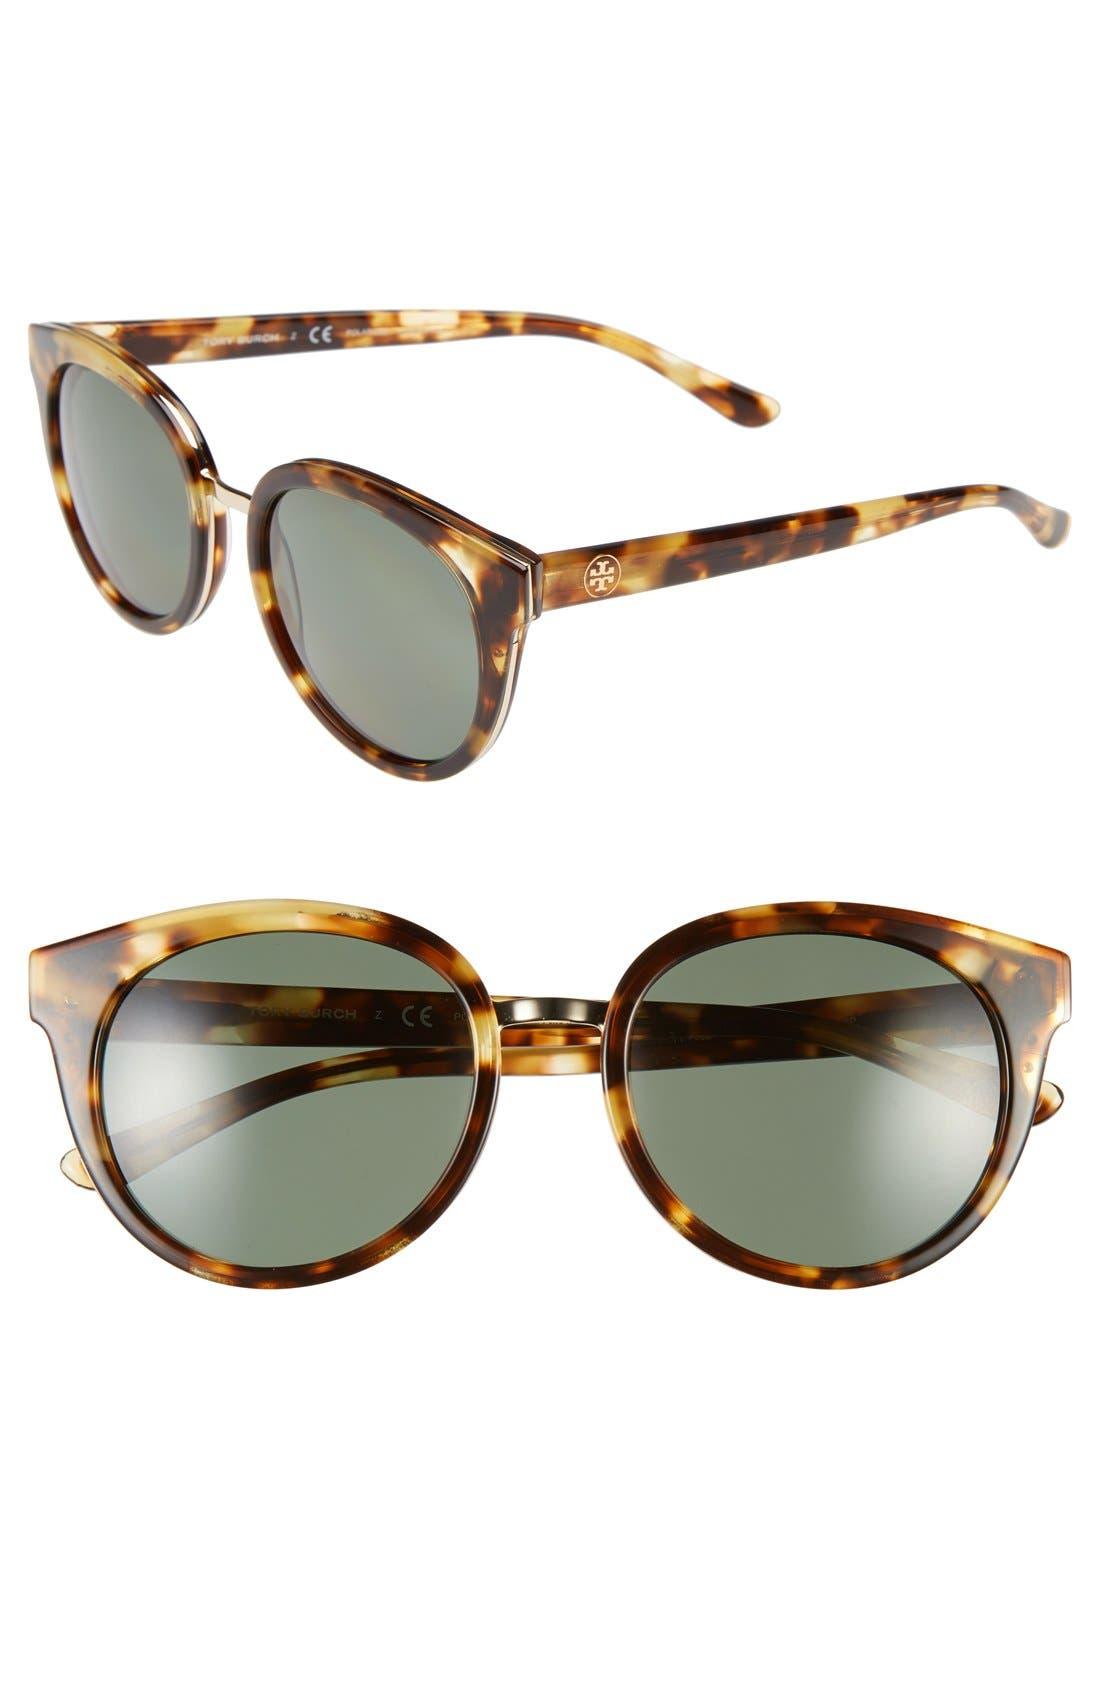 53mm Polarized Retro Sunglasses,                             Main thumbnail 1, color,                             Light Tortoise/ Polar